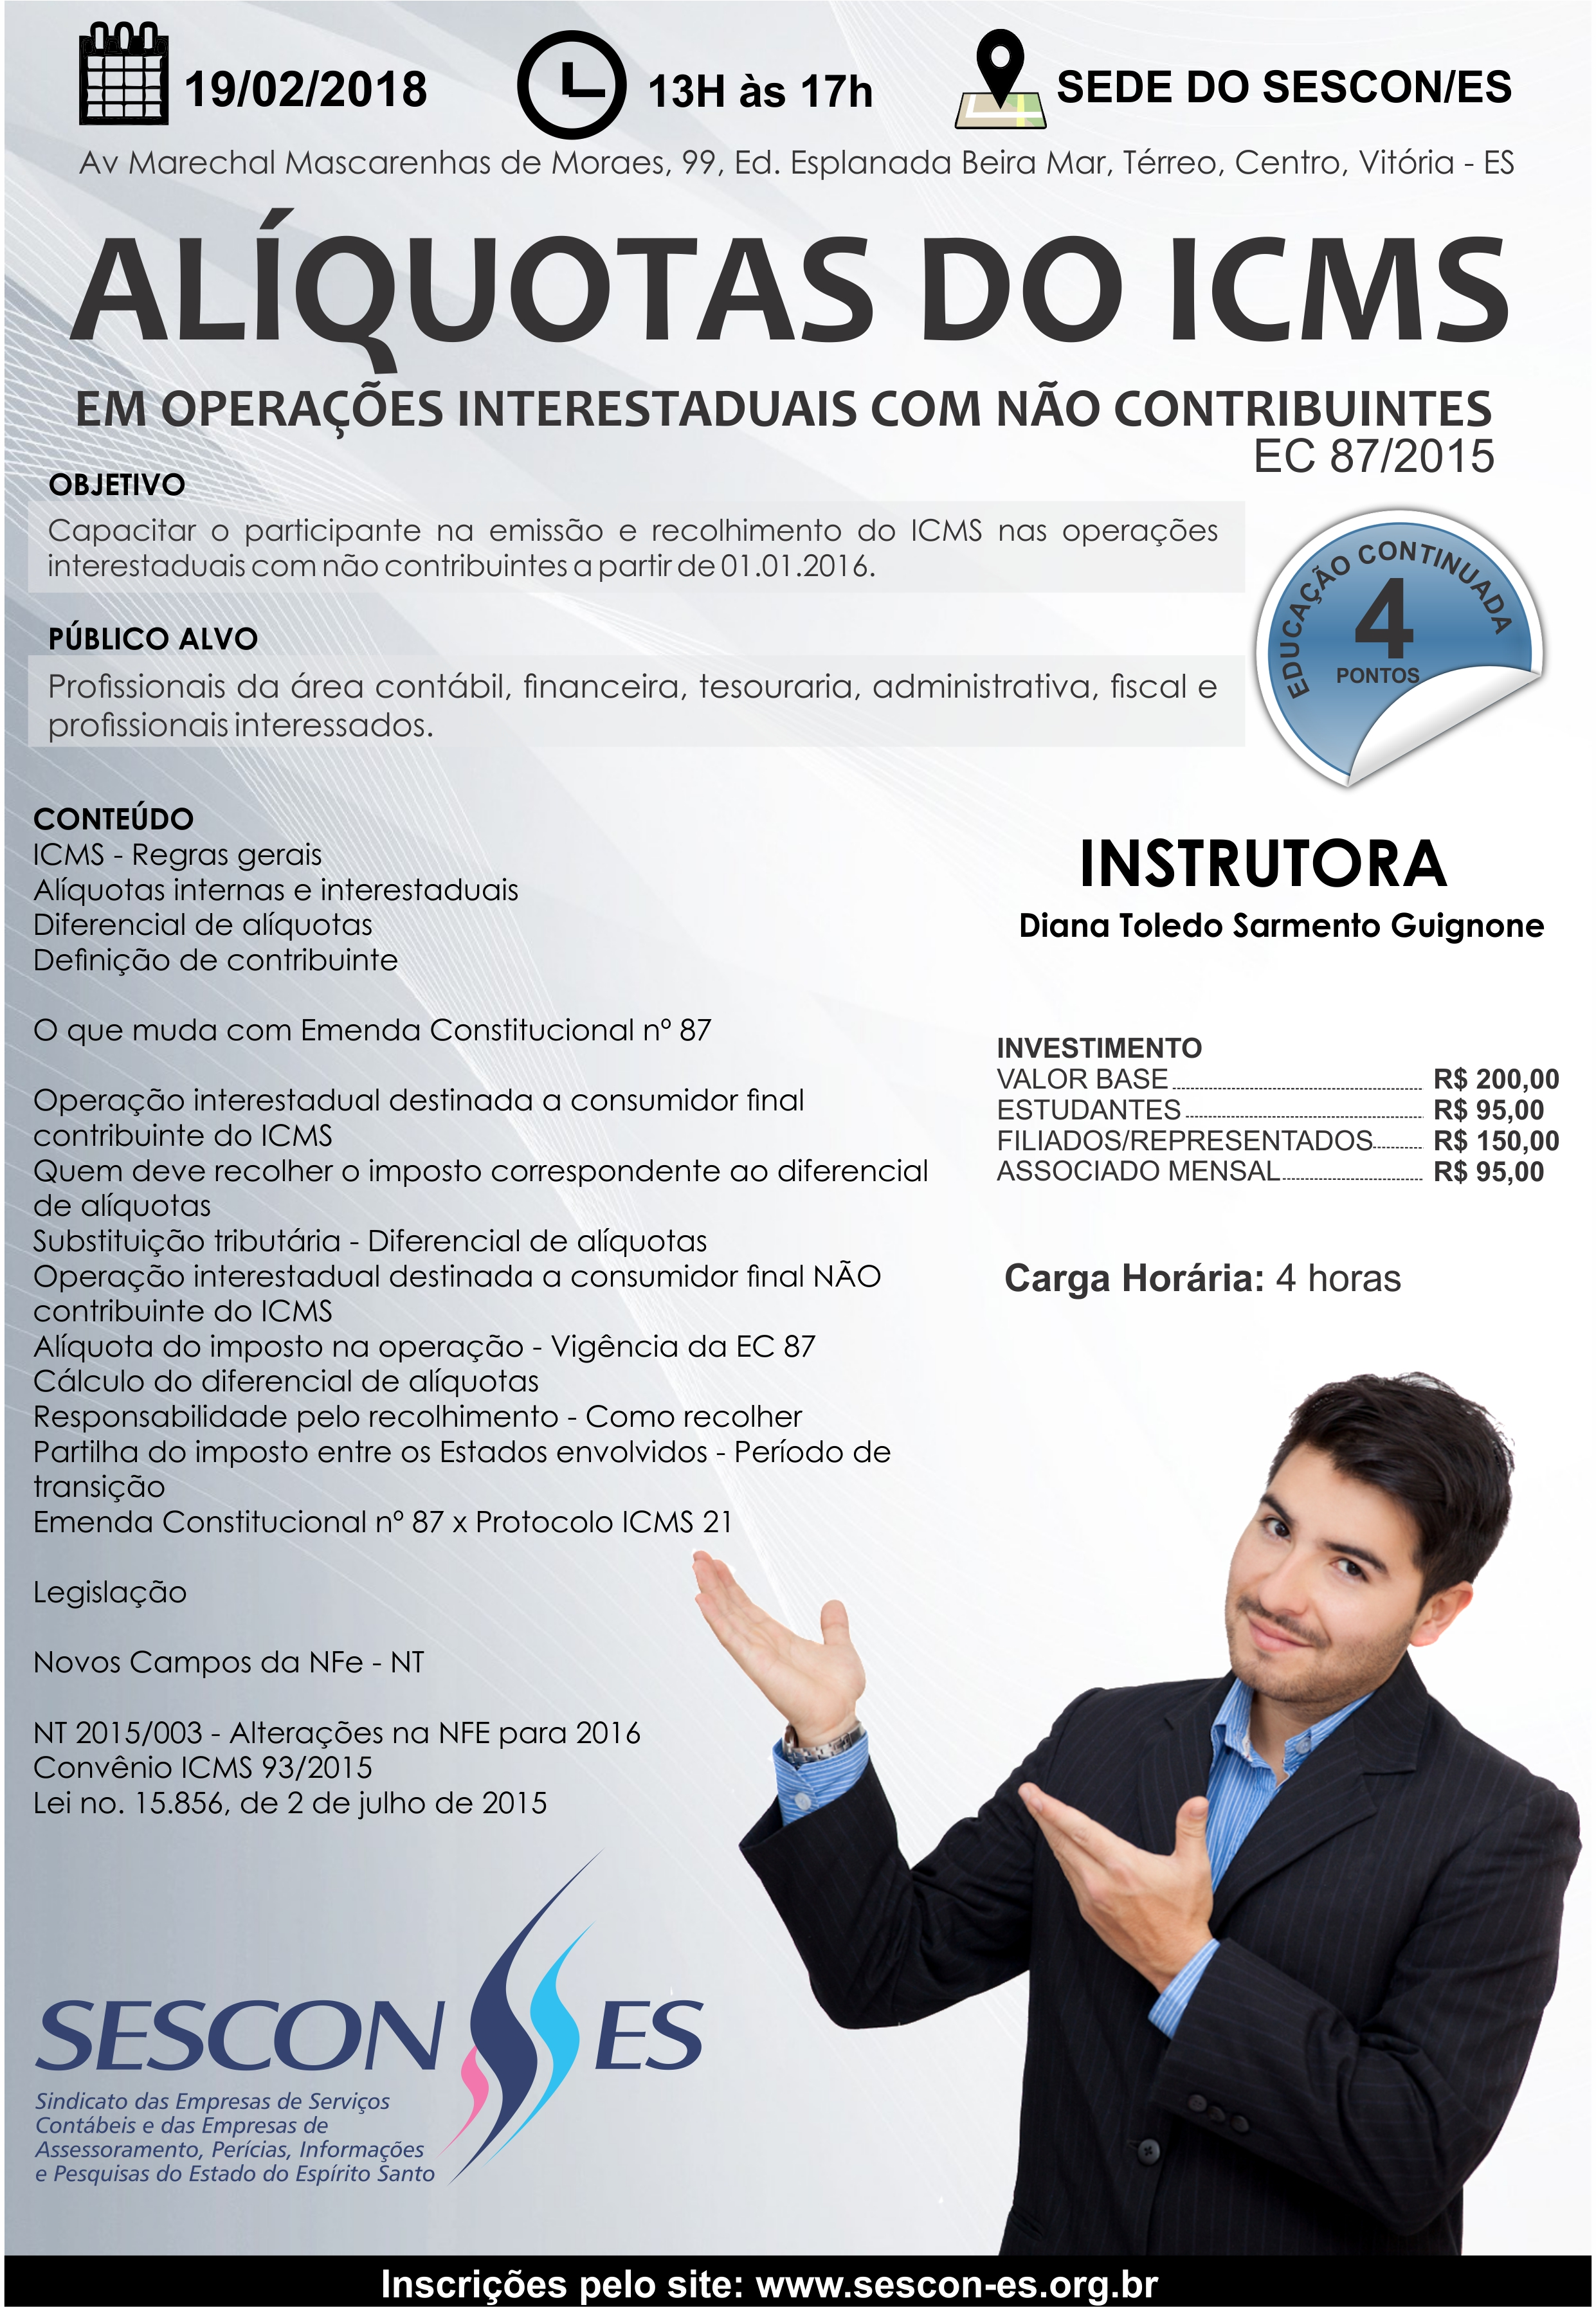 CURSO - ALÍQUOTAS DO ICMS EM OPERAÇÕES INTERESTADUAIS COM NÃO CONTRIBUINTES - EC 87/2015 - Pontuação no educação continuada: 4 pontos @ SESCON ESPIRITO SANTO | Espírito Santo | Brasil